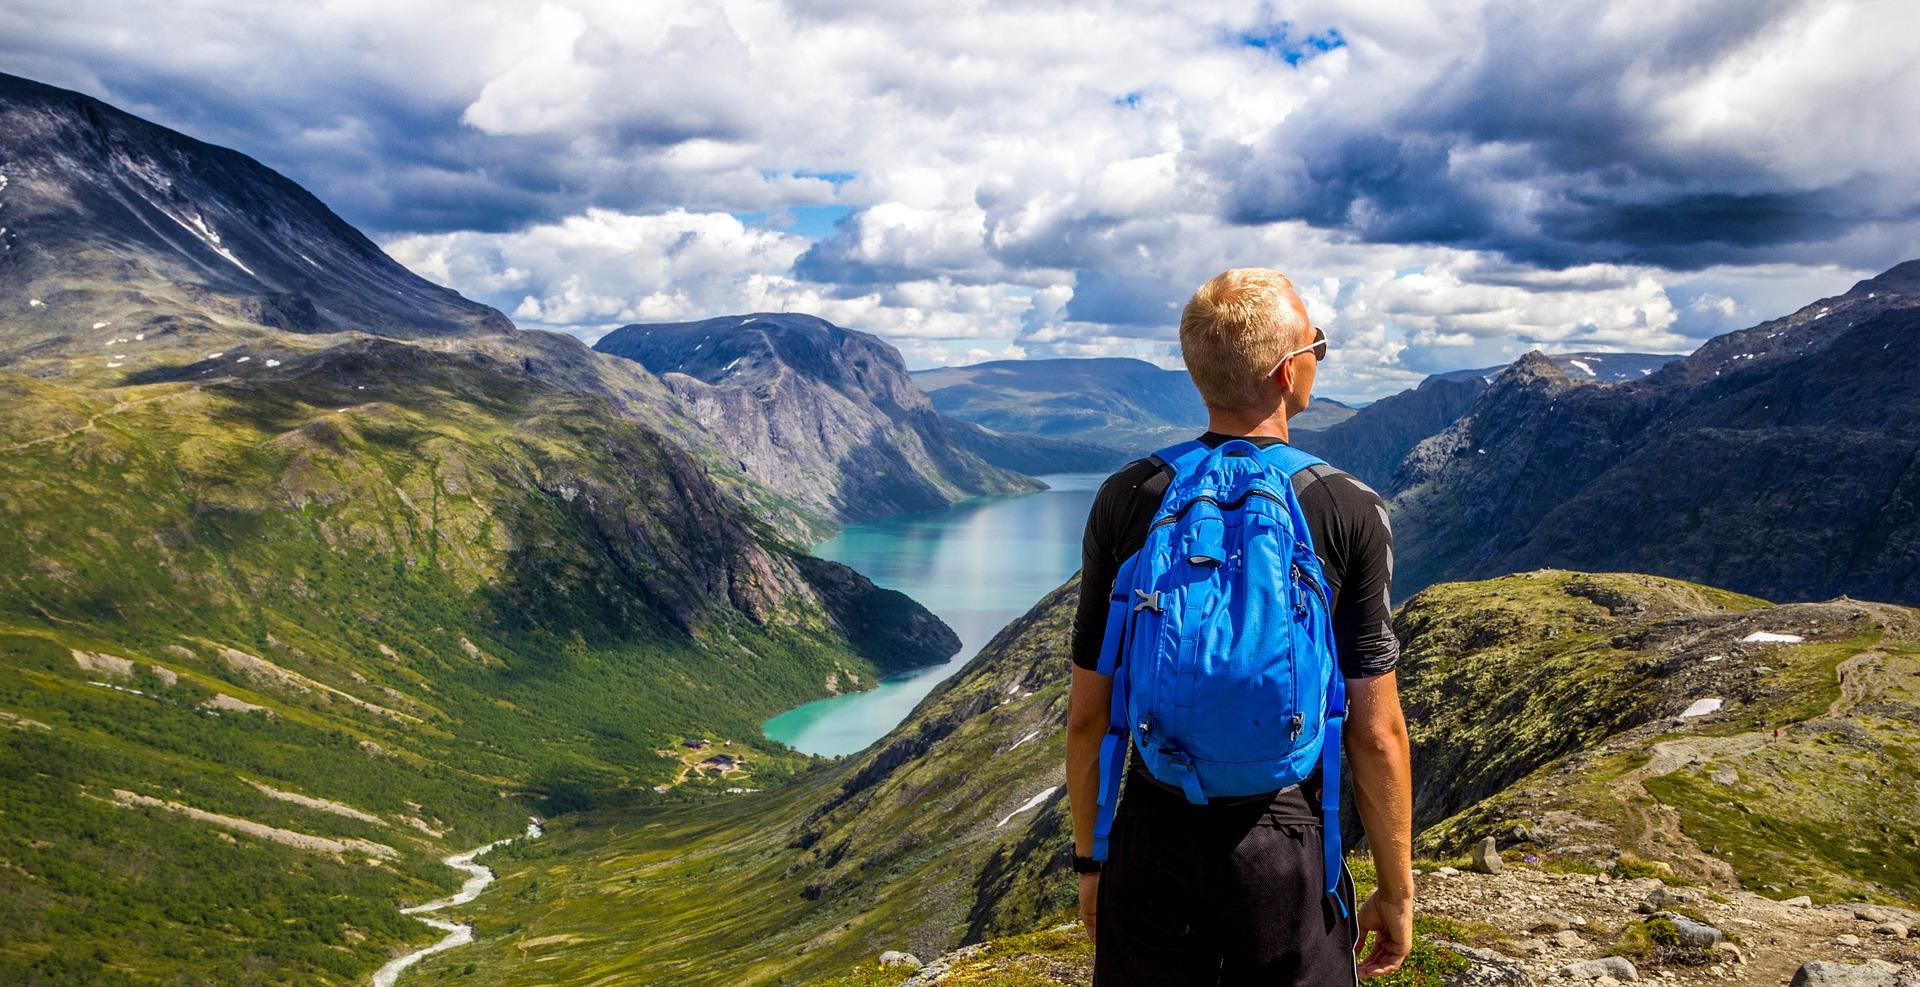 el medio ambiente es algo más que el soporte o el paisaje para el turismo